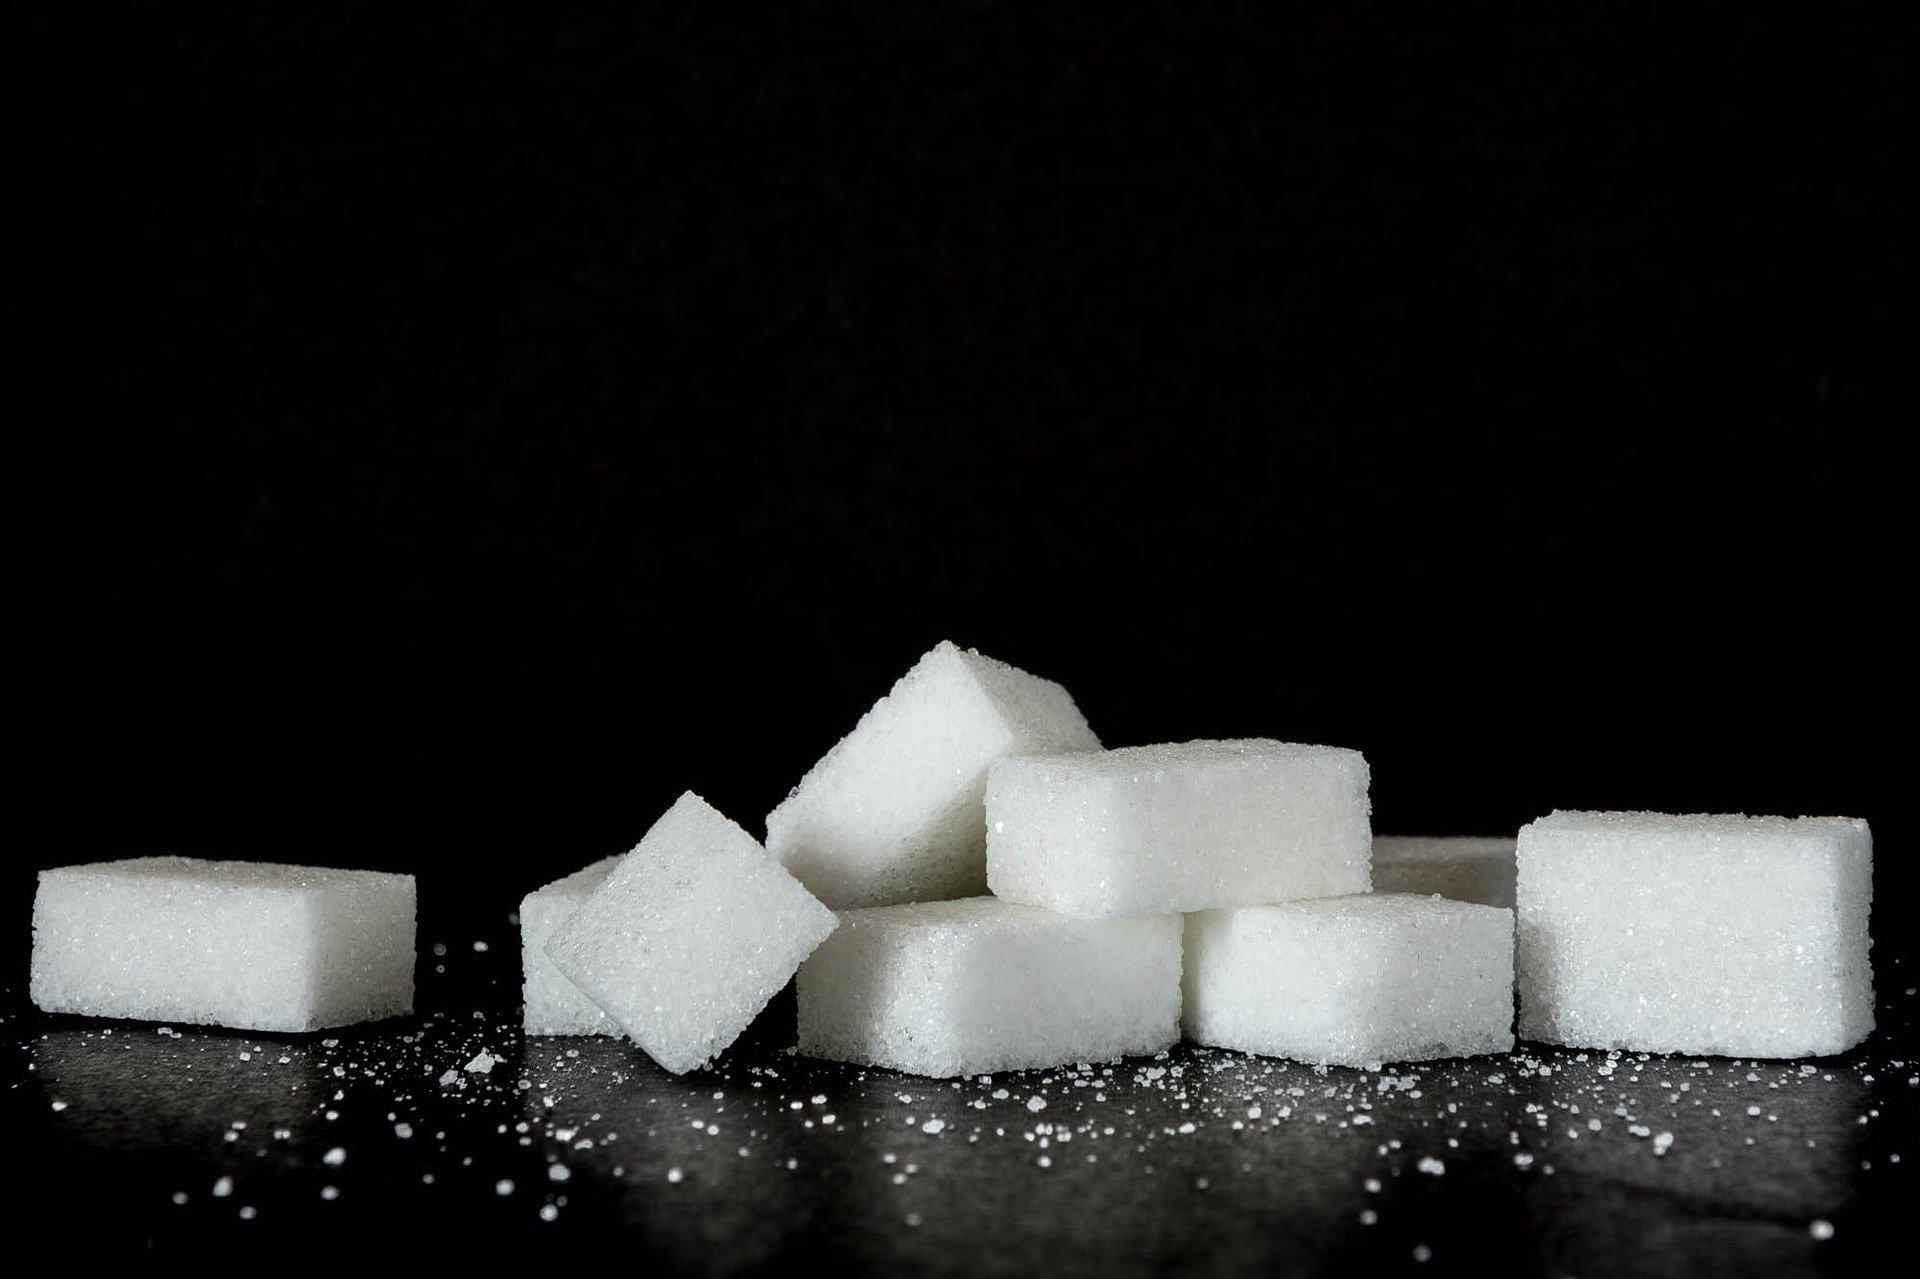 Сахар в России может стать дефицитом